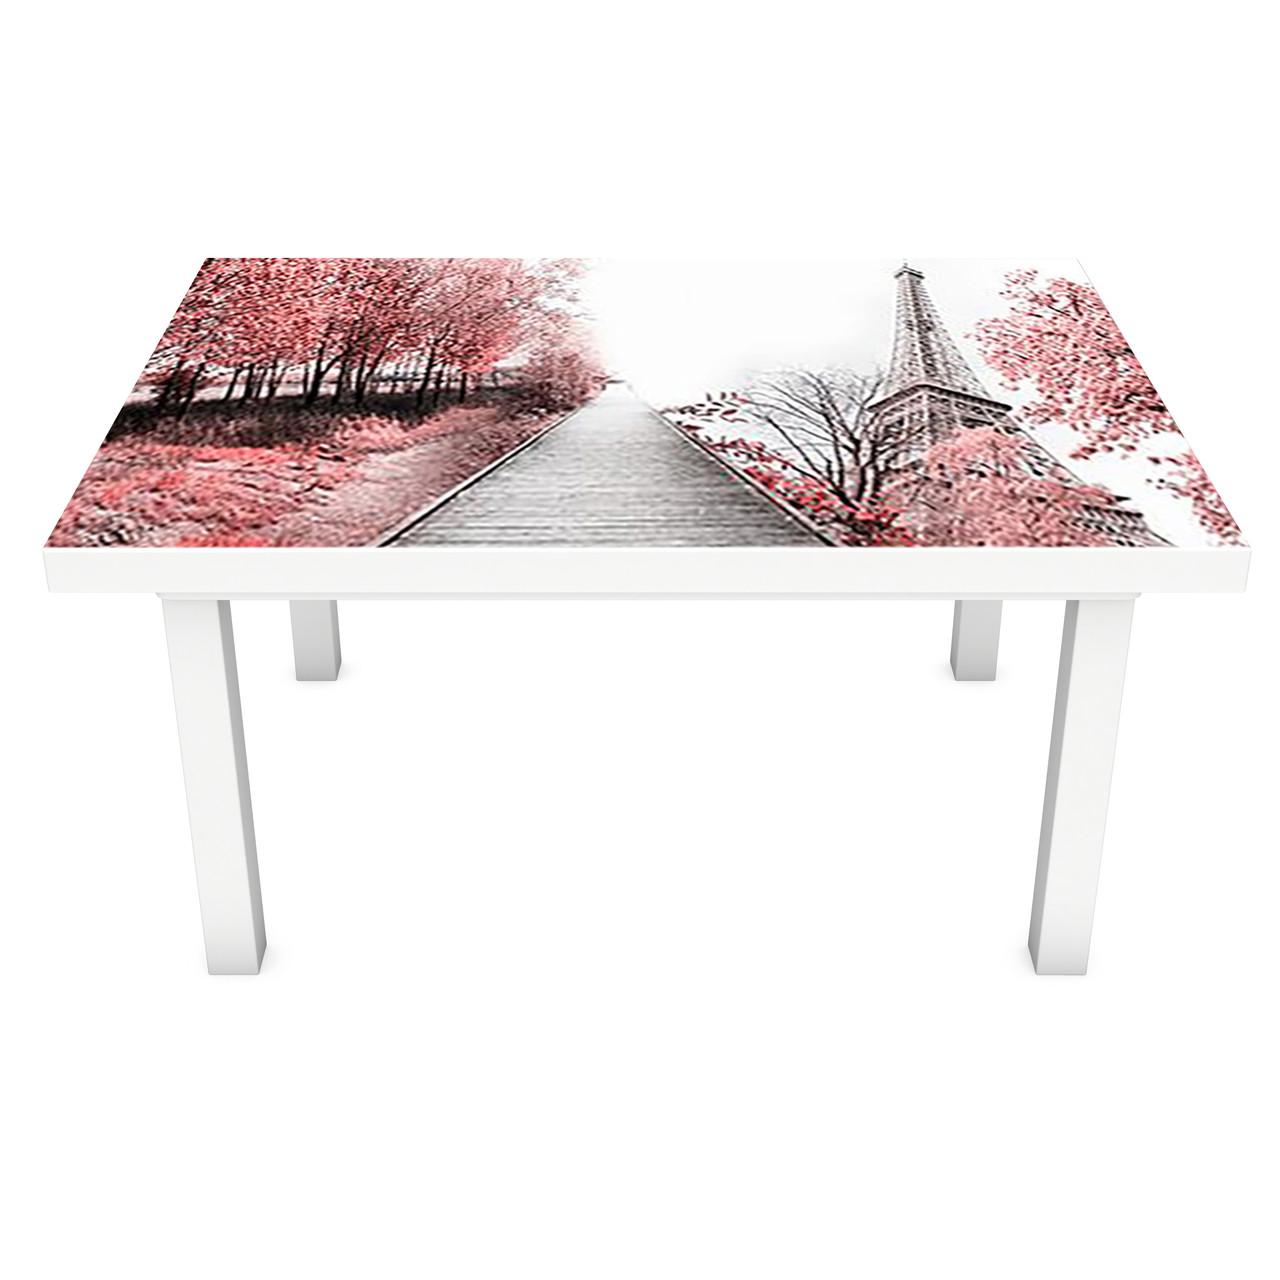 Виниловая наклейка на стол Романтическая Алея интерьерная ПВХ пленка для мебели розовые деревья эйфелева башня